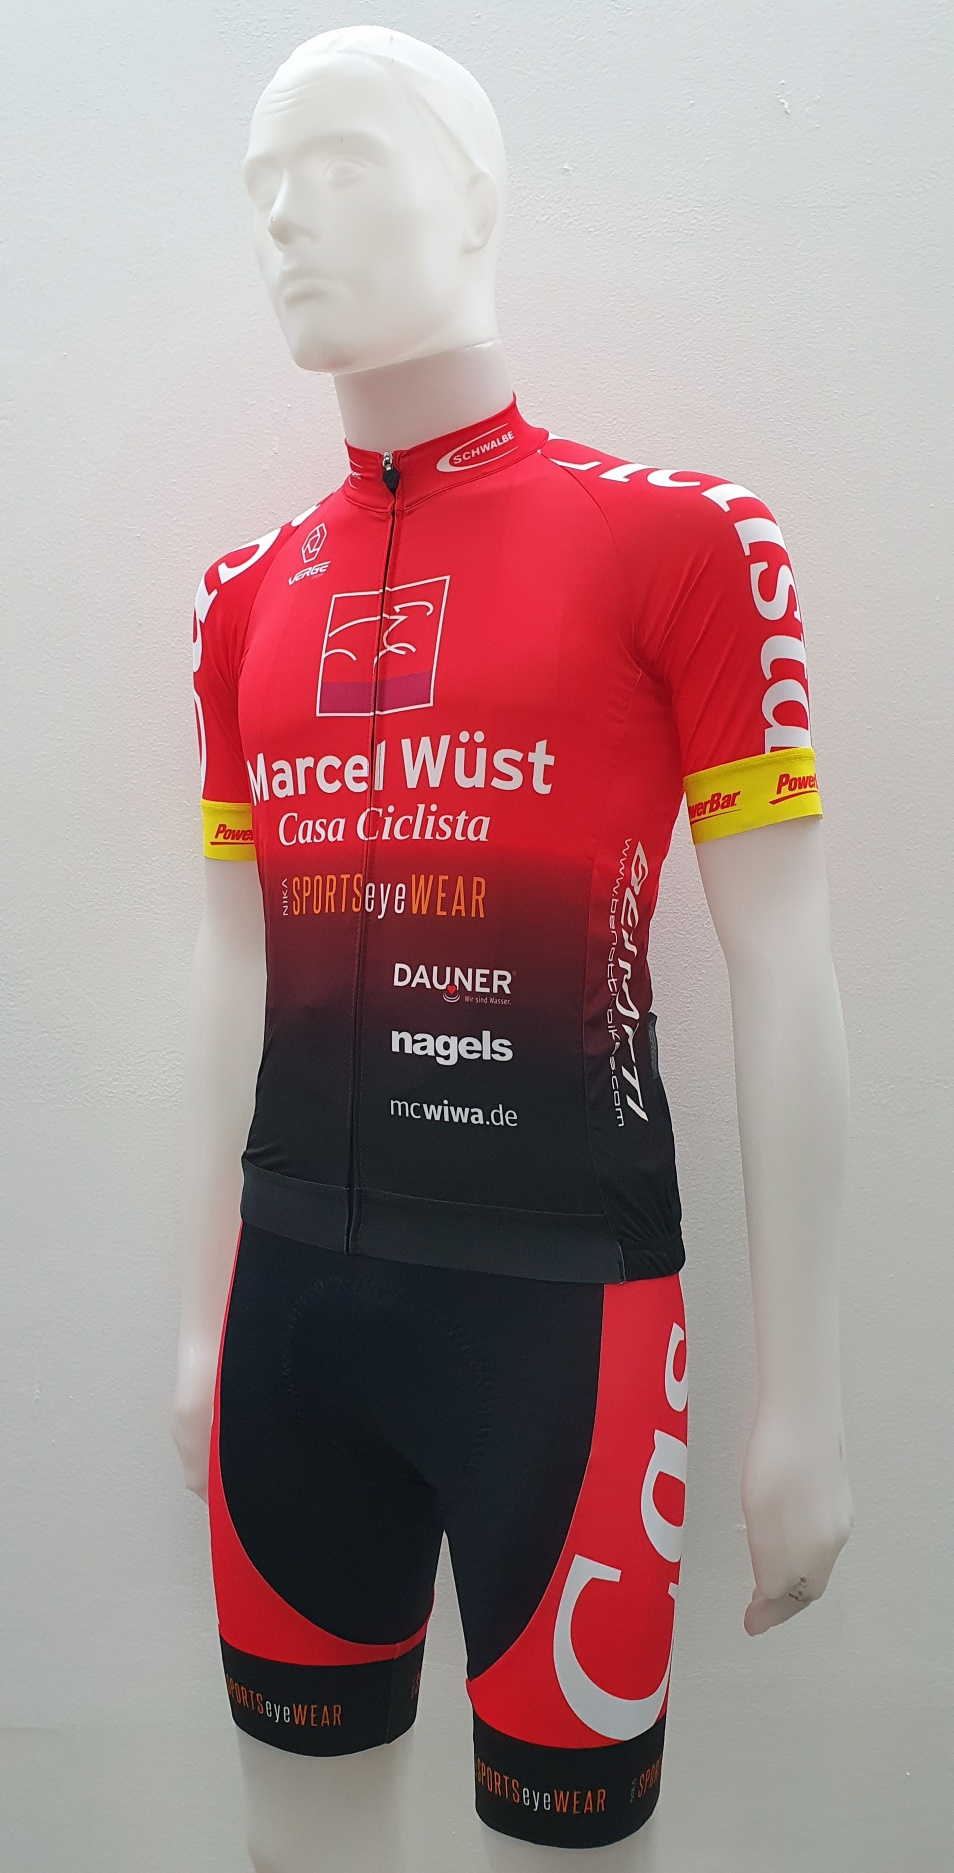 Verge Sport - Radsport